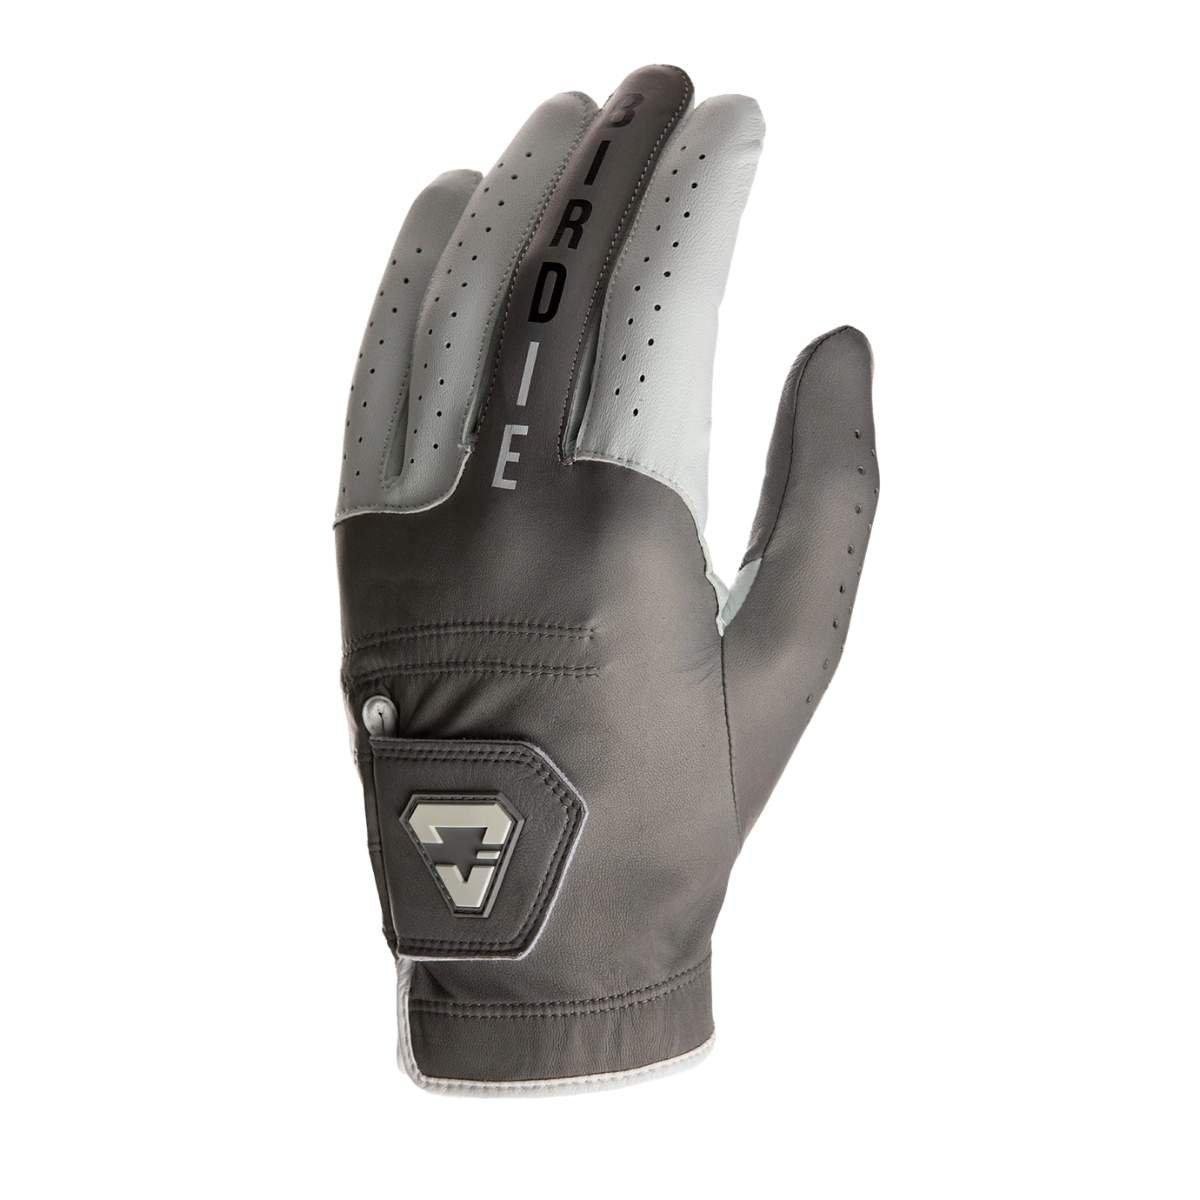 TravisMathew Between The Lines Golf Glove - Right Hand Regular